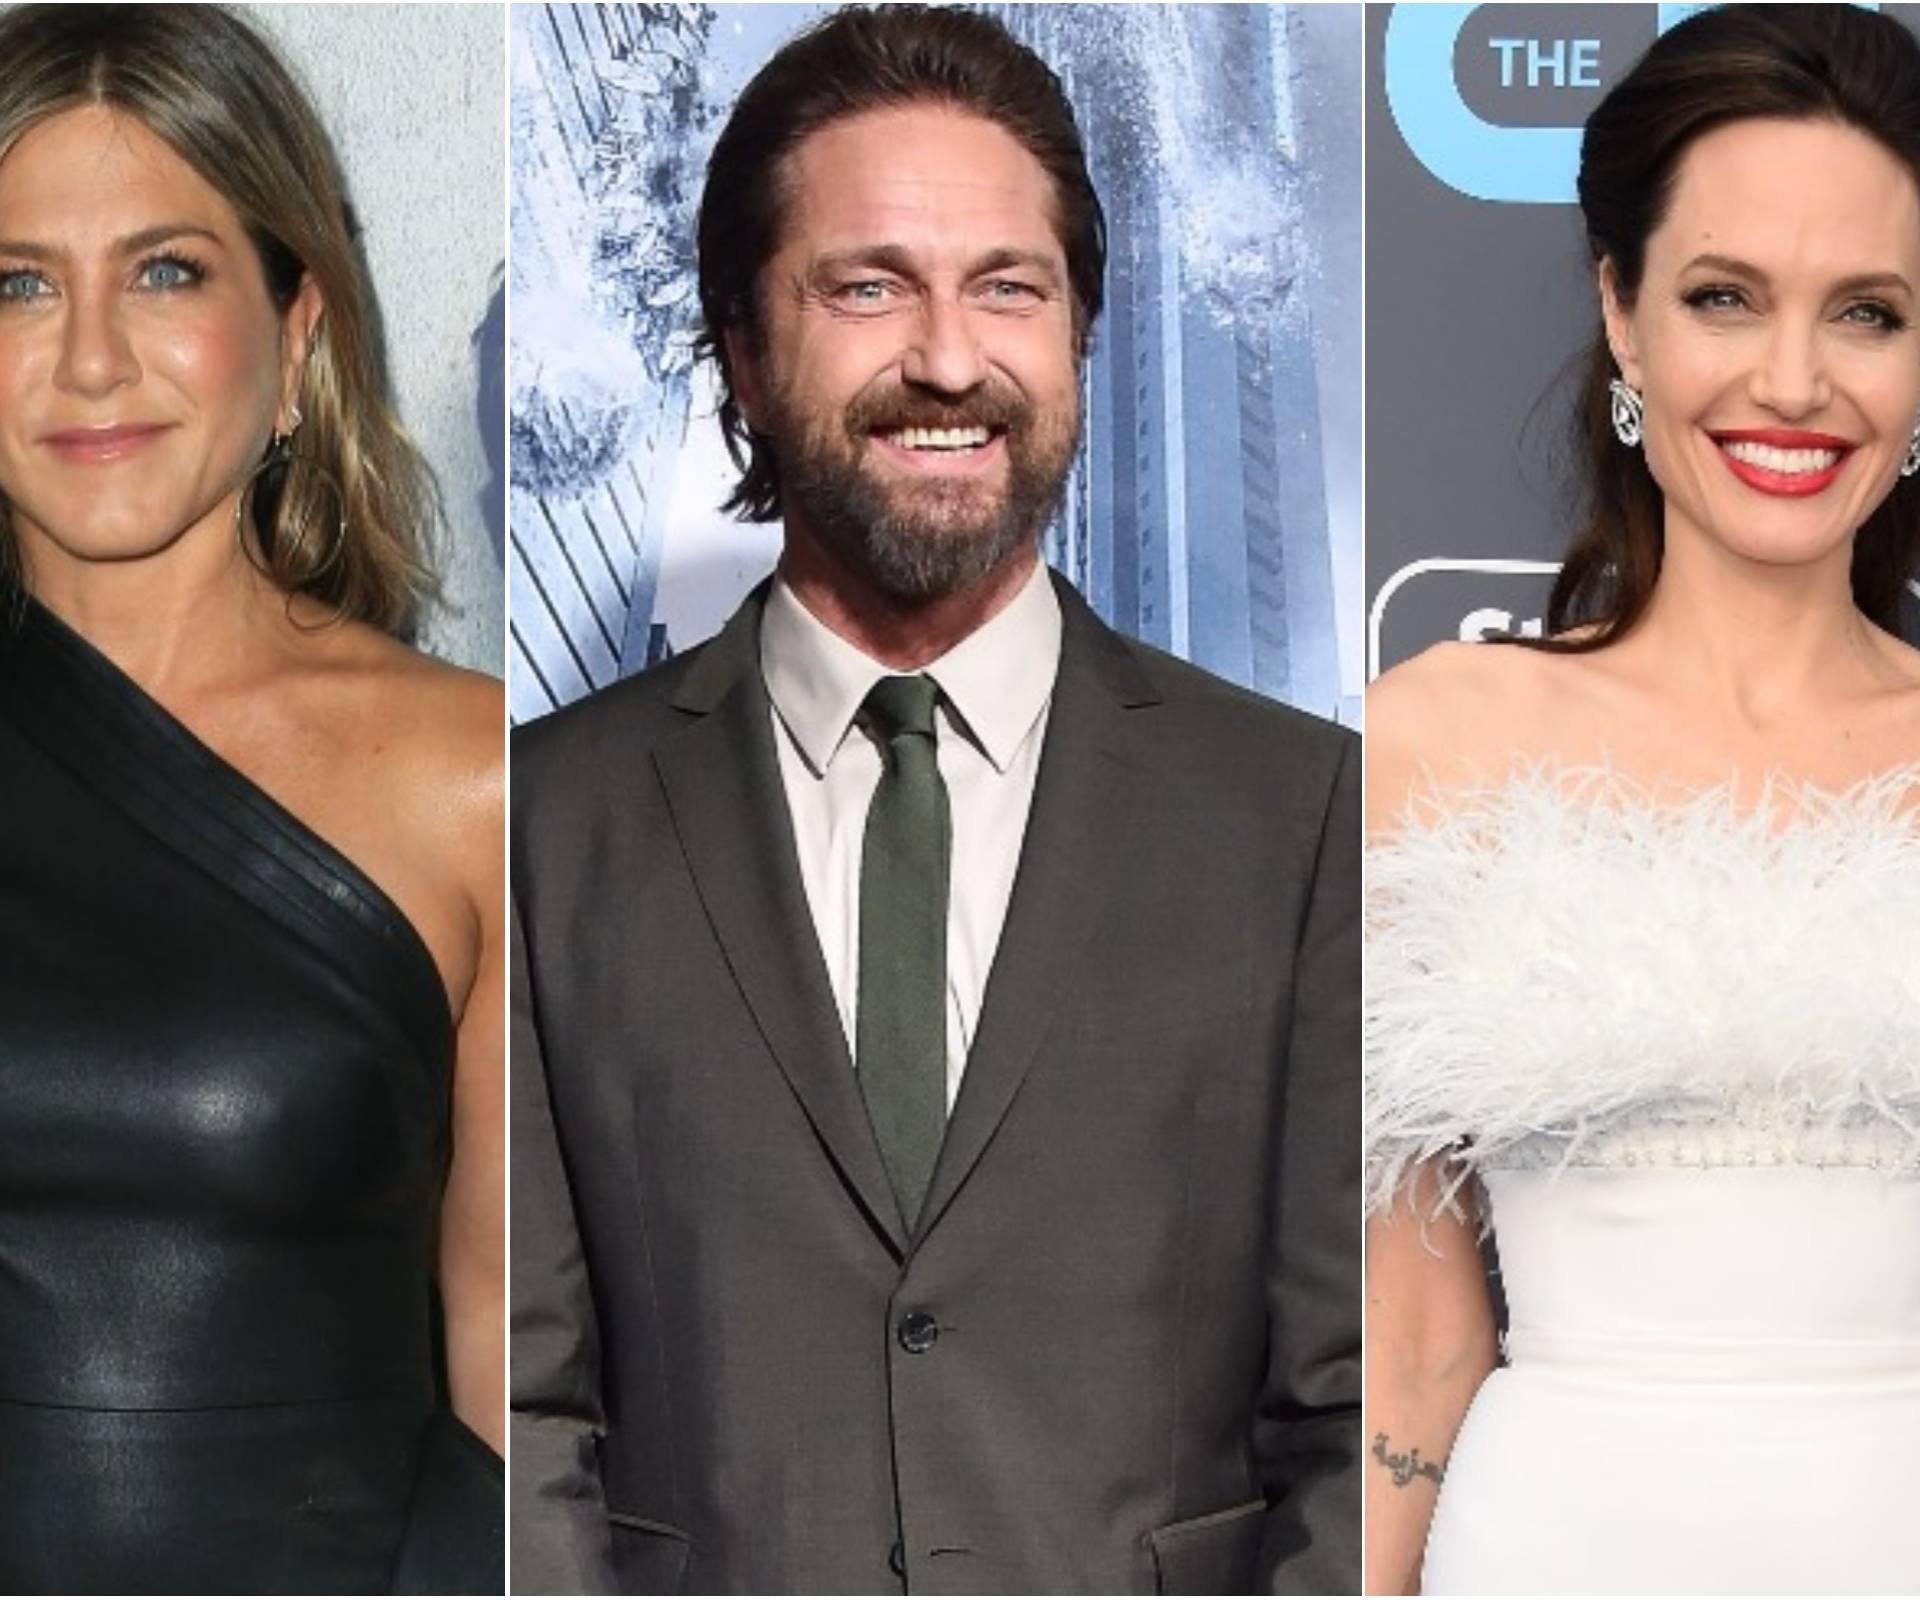 Gerard Butler otkrio: Aniston se bolje ljubi od Angeline Jolie